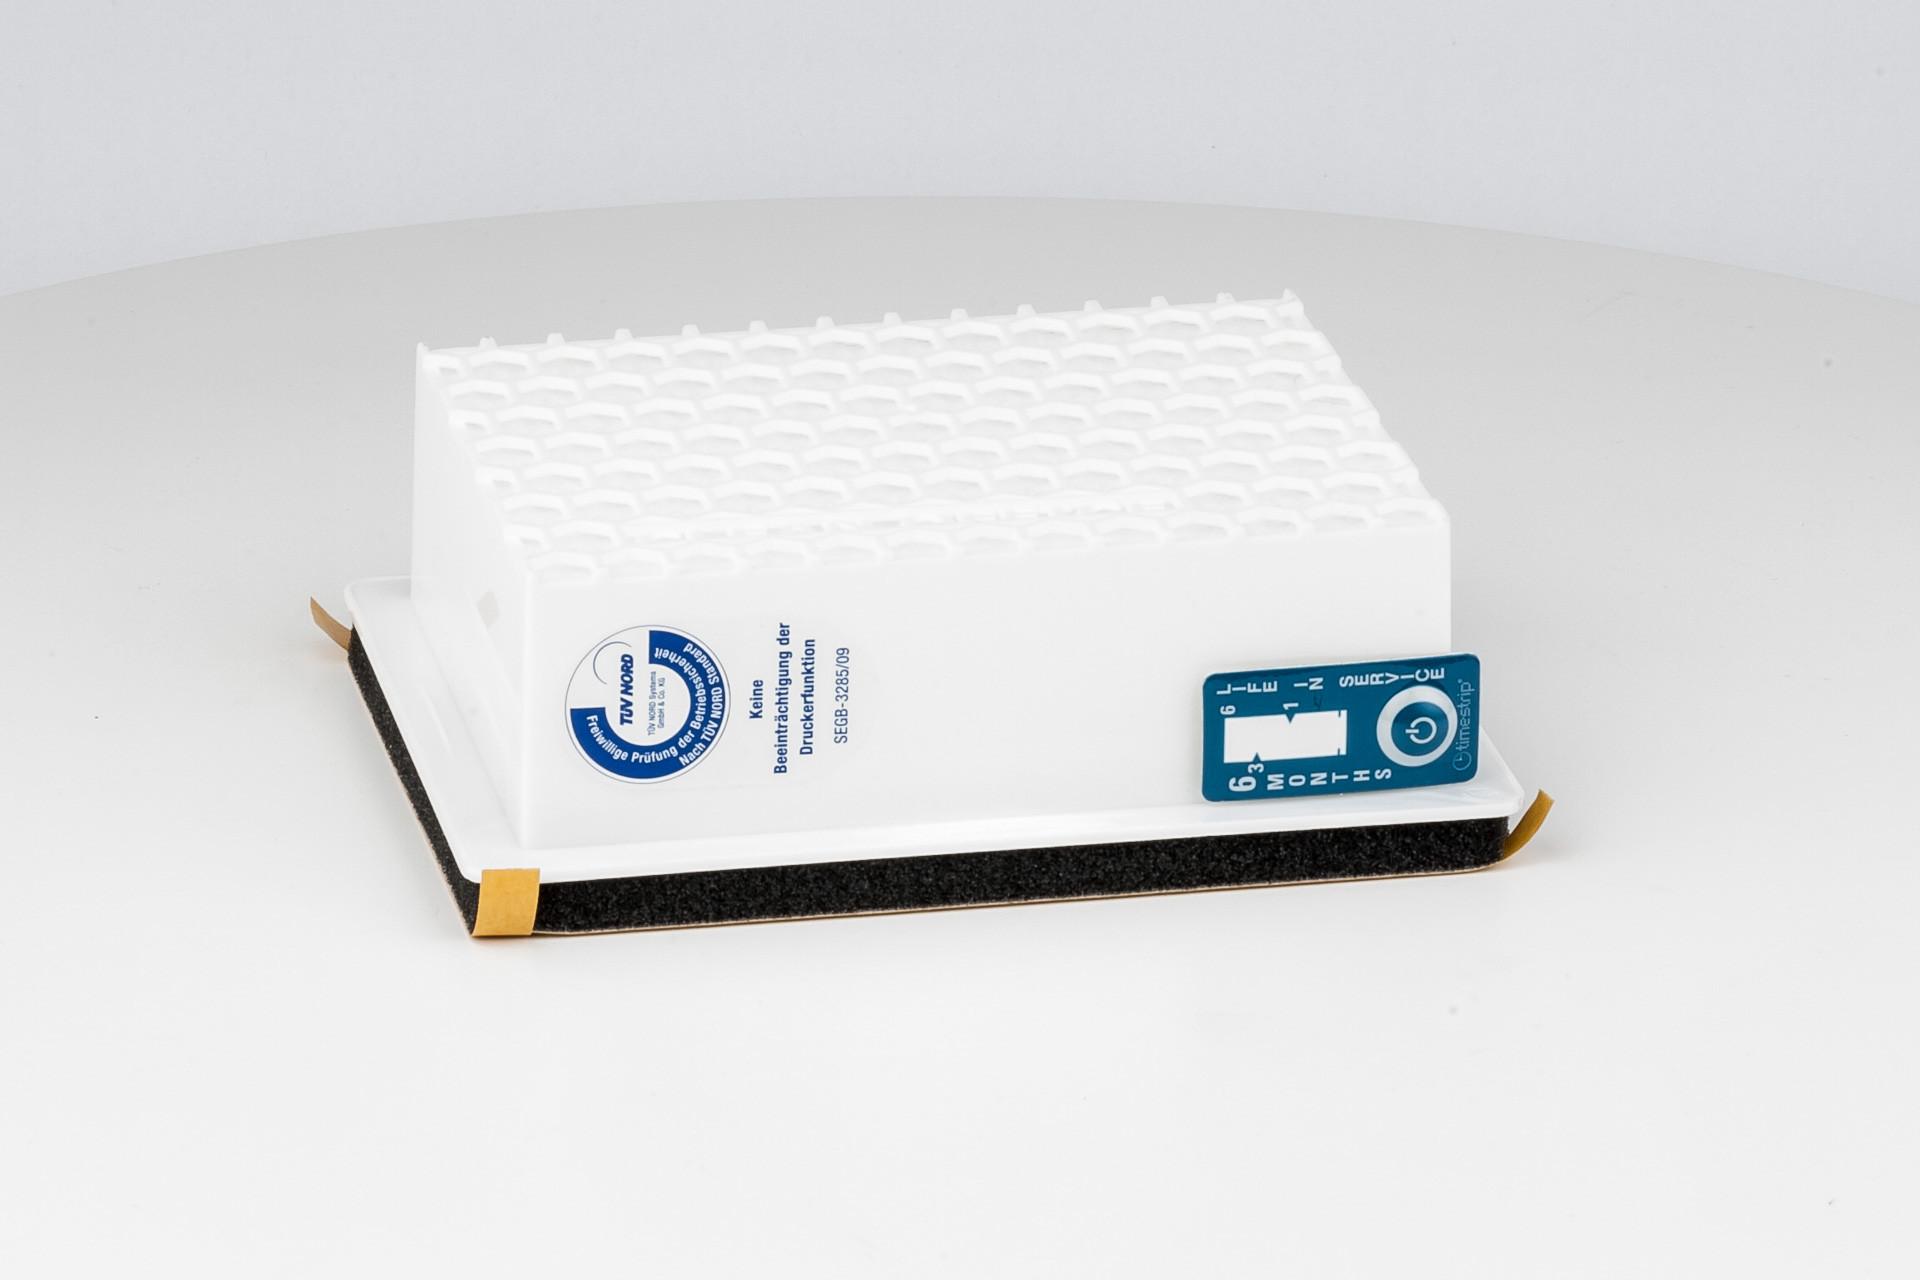 CLEAN OFFICE Feinstaubfilter für Laserdrucker und Kopierer (Doppelpack)